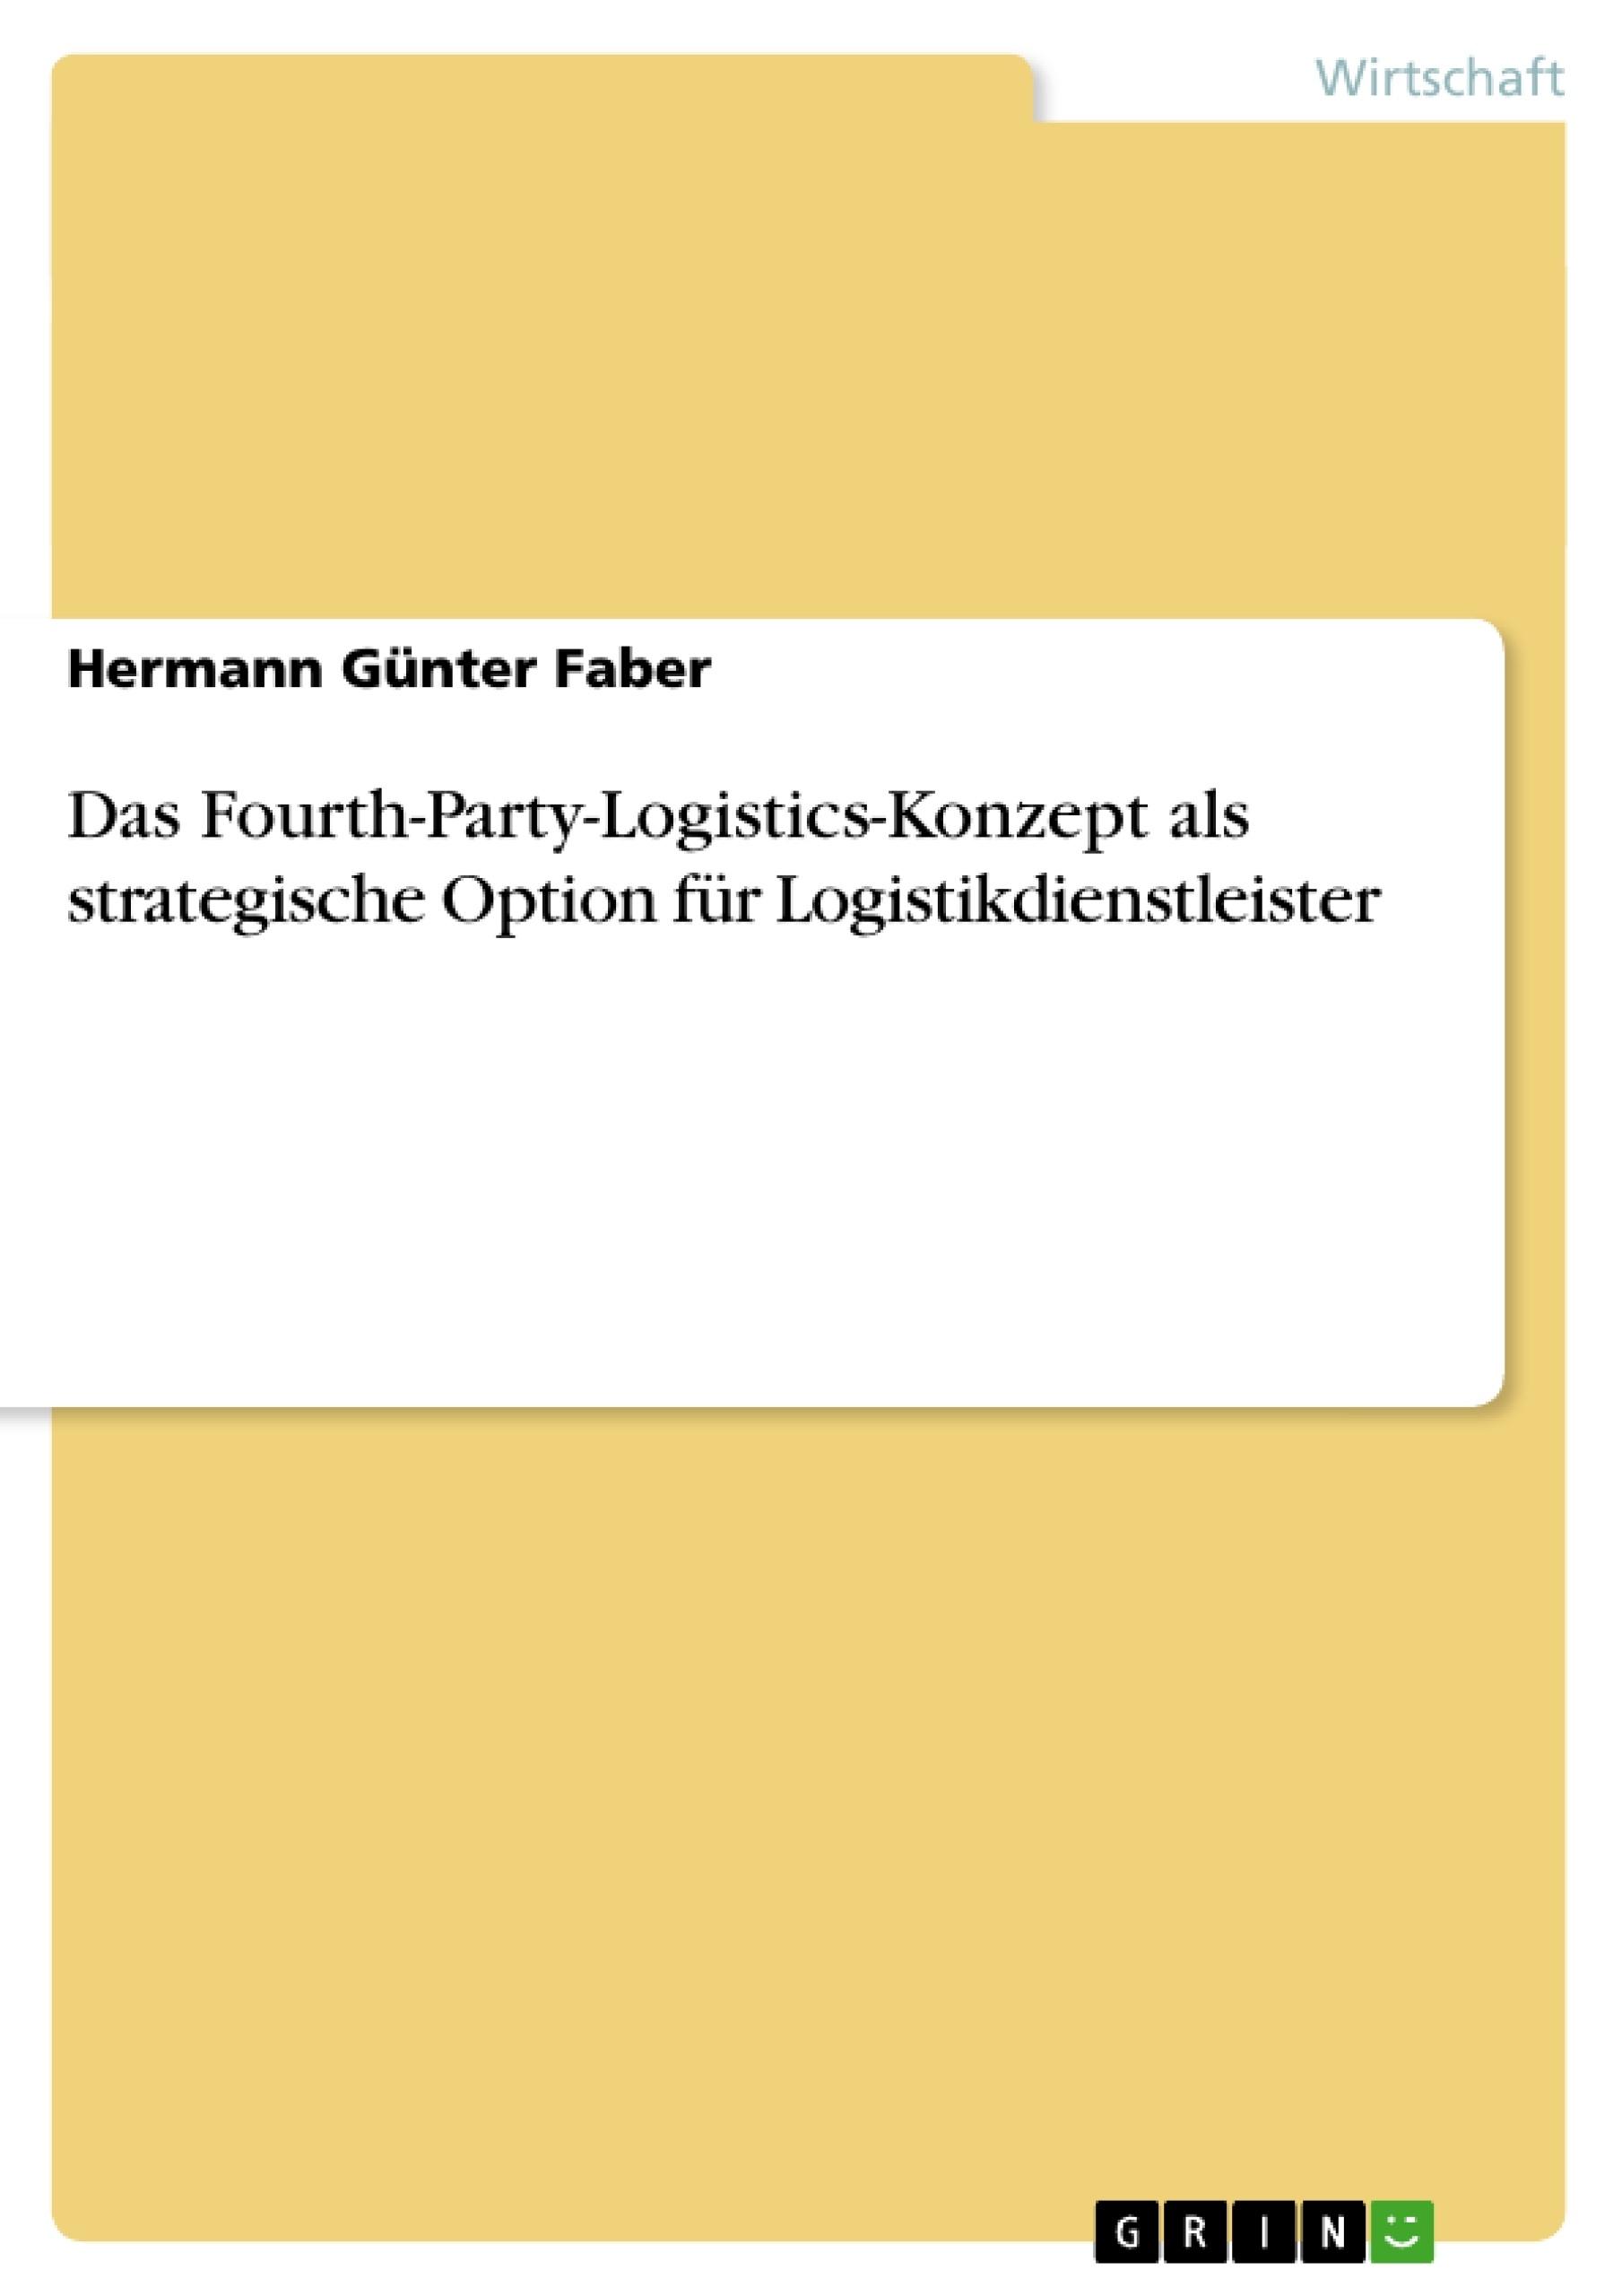 Titel: Das Fourth-Party-Logistics-Konzept als strategische Option für Logistikdienstleister